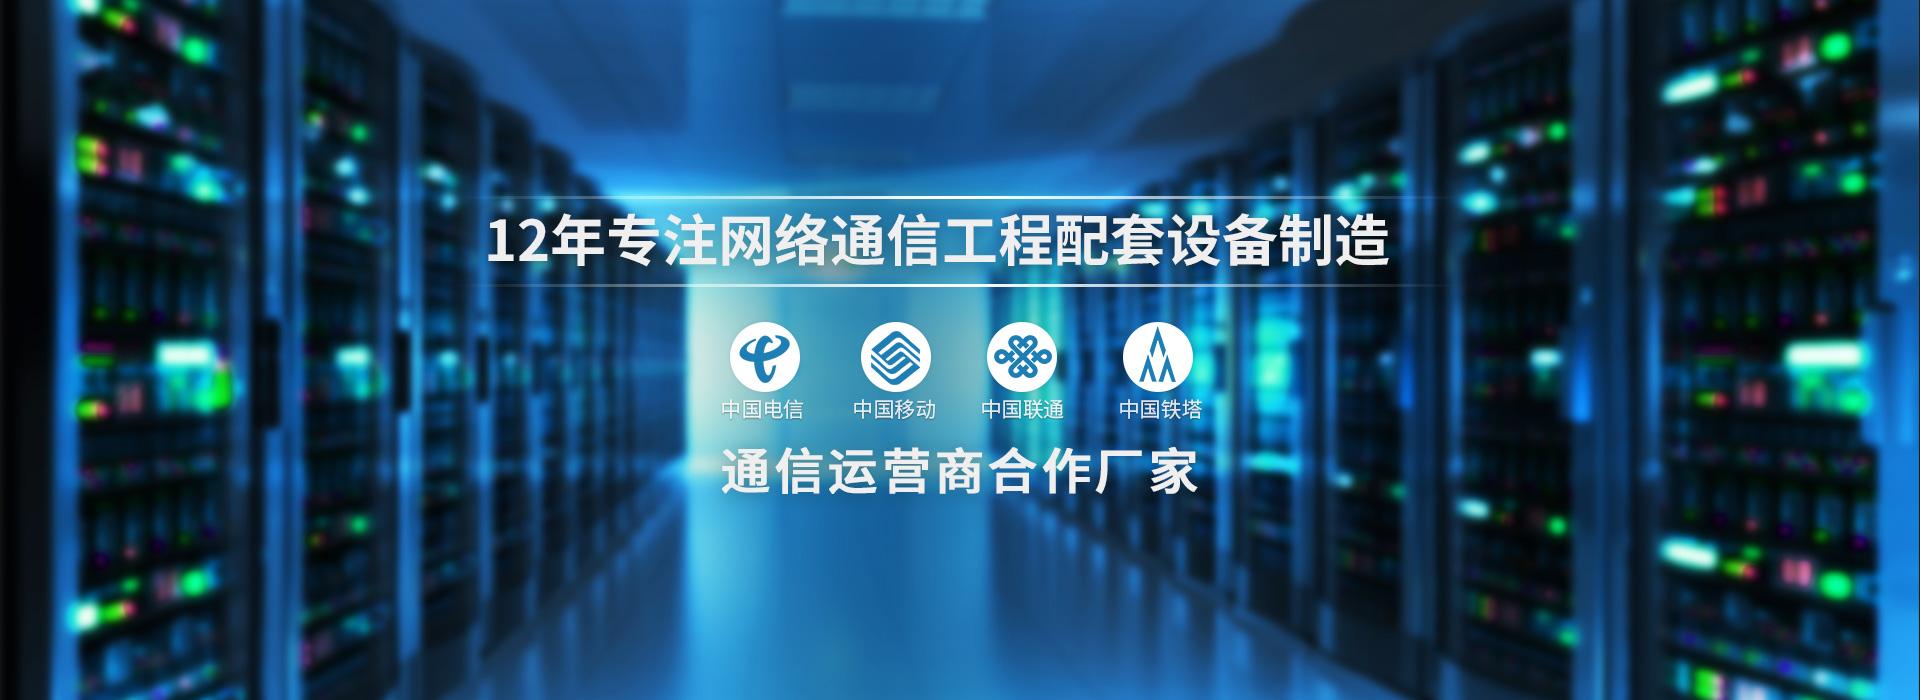 云茂通信设备12年专注通信工程配套设备制造